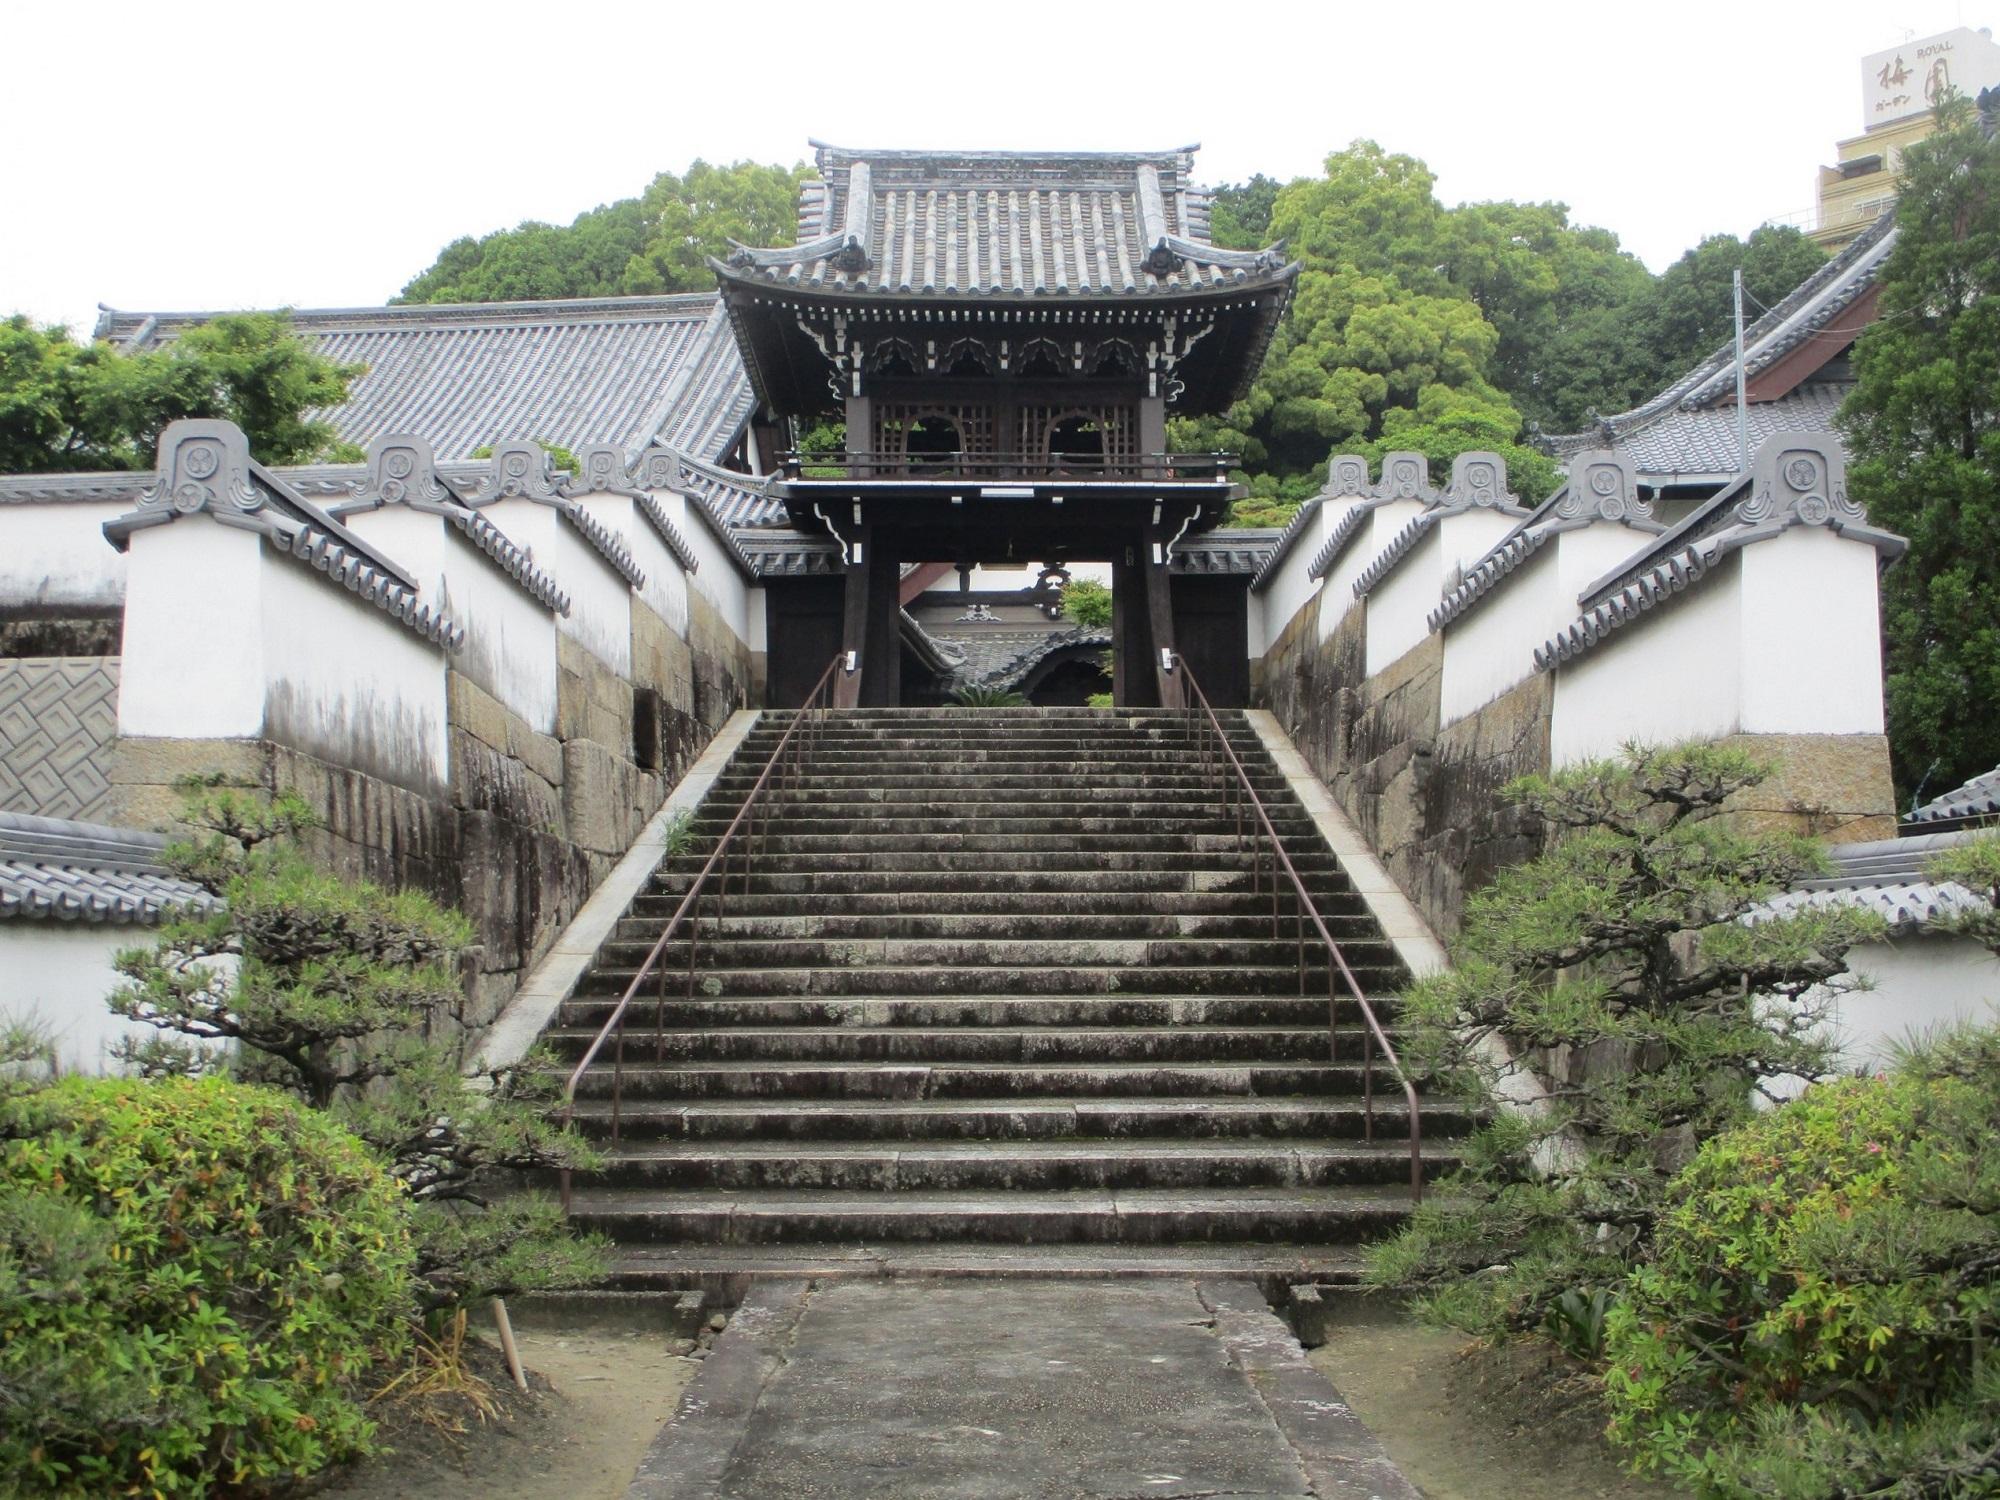 2020.5.19 (4) 随念寺 - いしだんの参道、土塀、中門 2000-1500